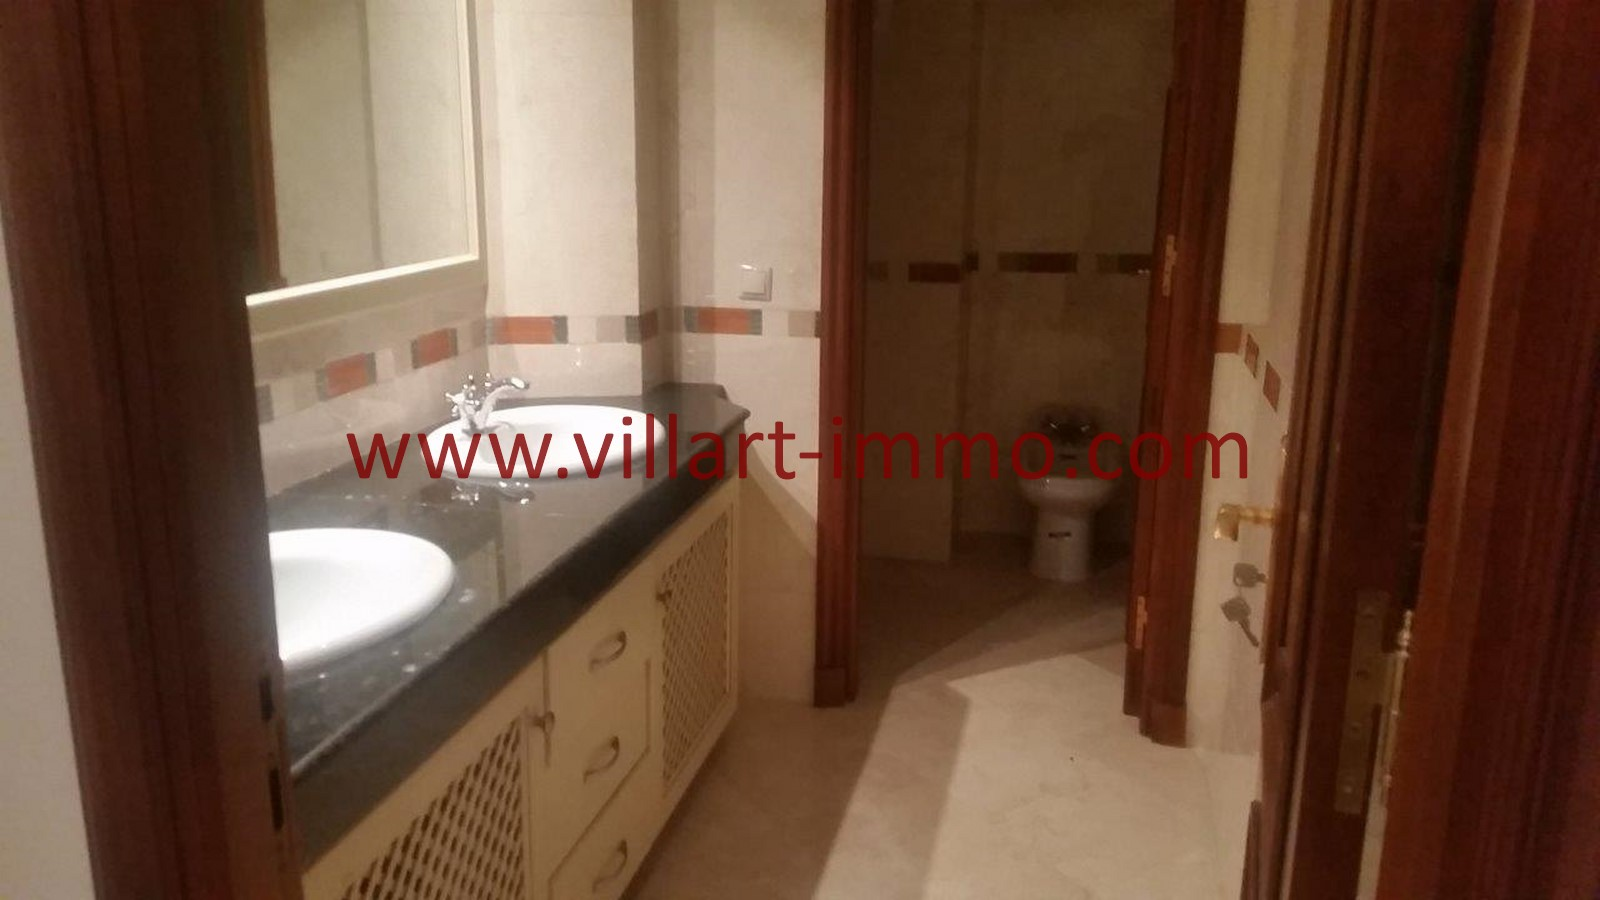 7-a-louer-appartement-jbel-kebir-tanger-salle-de-bain-l974-villart-immo